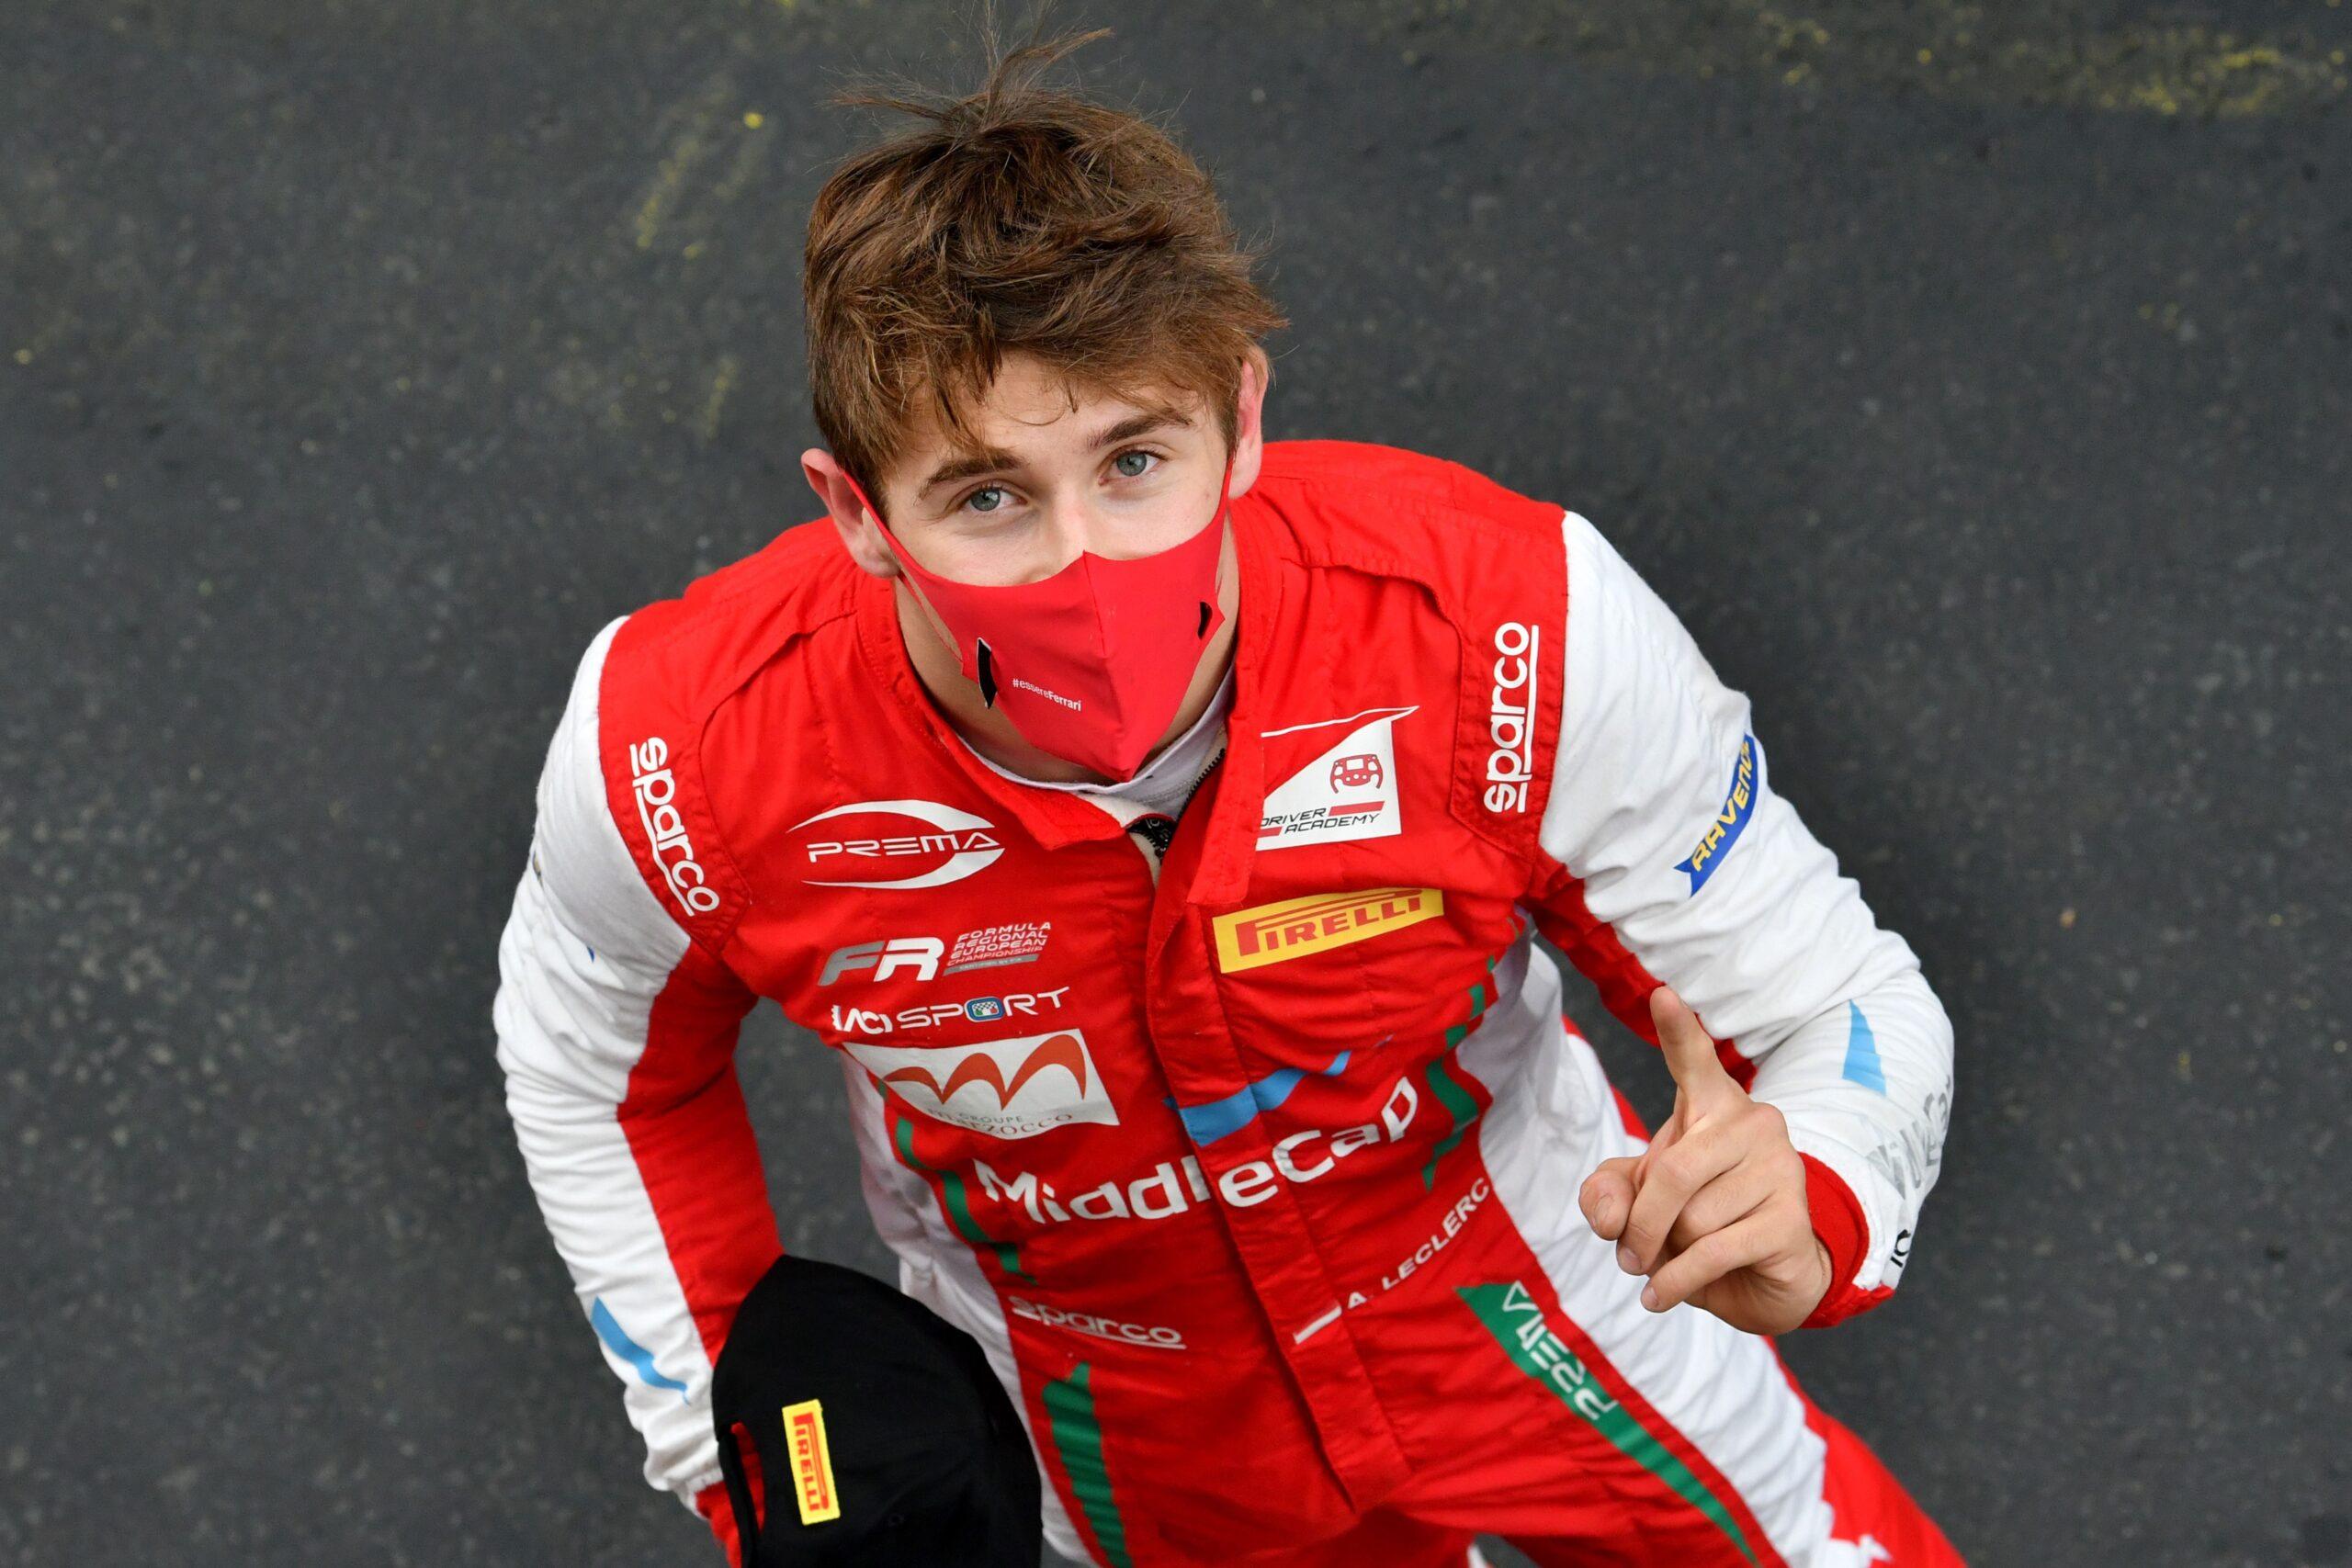 Foto de Vice-campeão da Fórmula Regional, Arthur Leclerc segue disputando com a Prema na F3